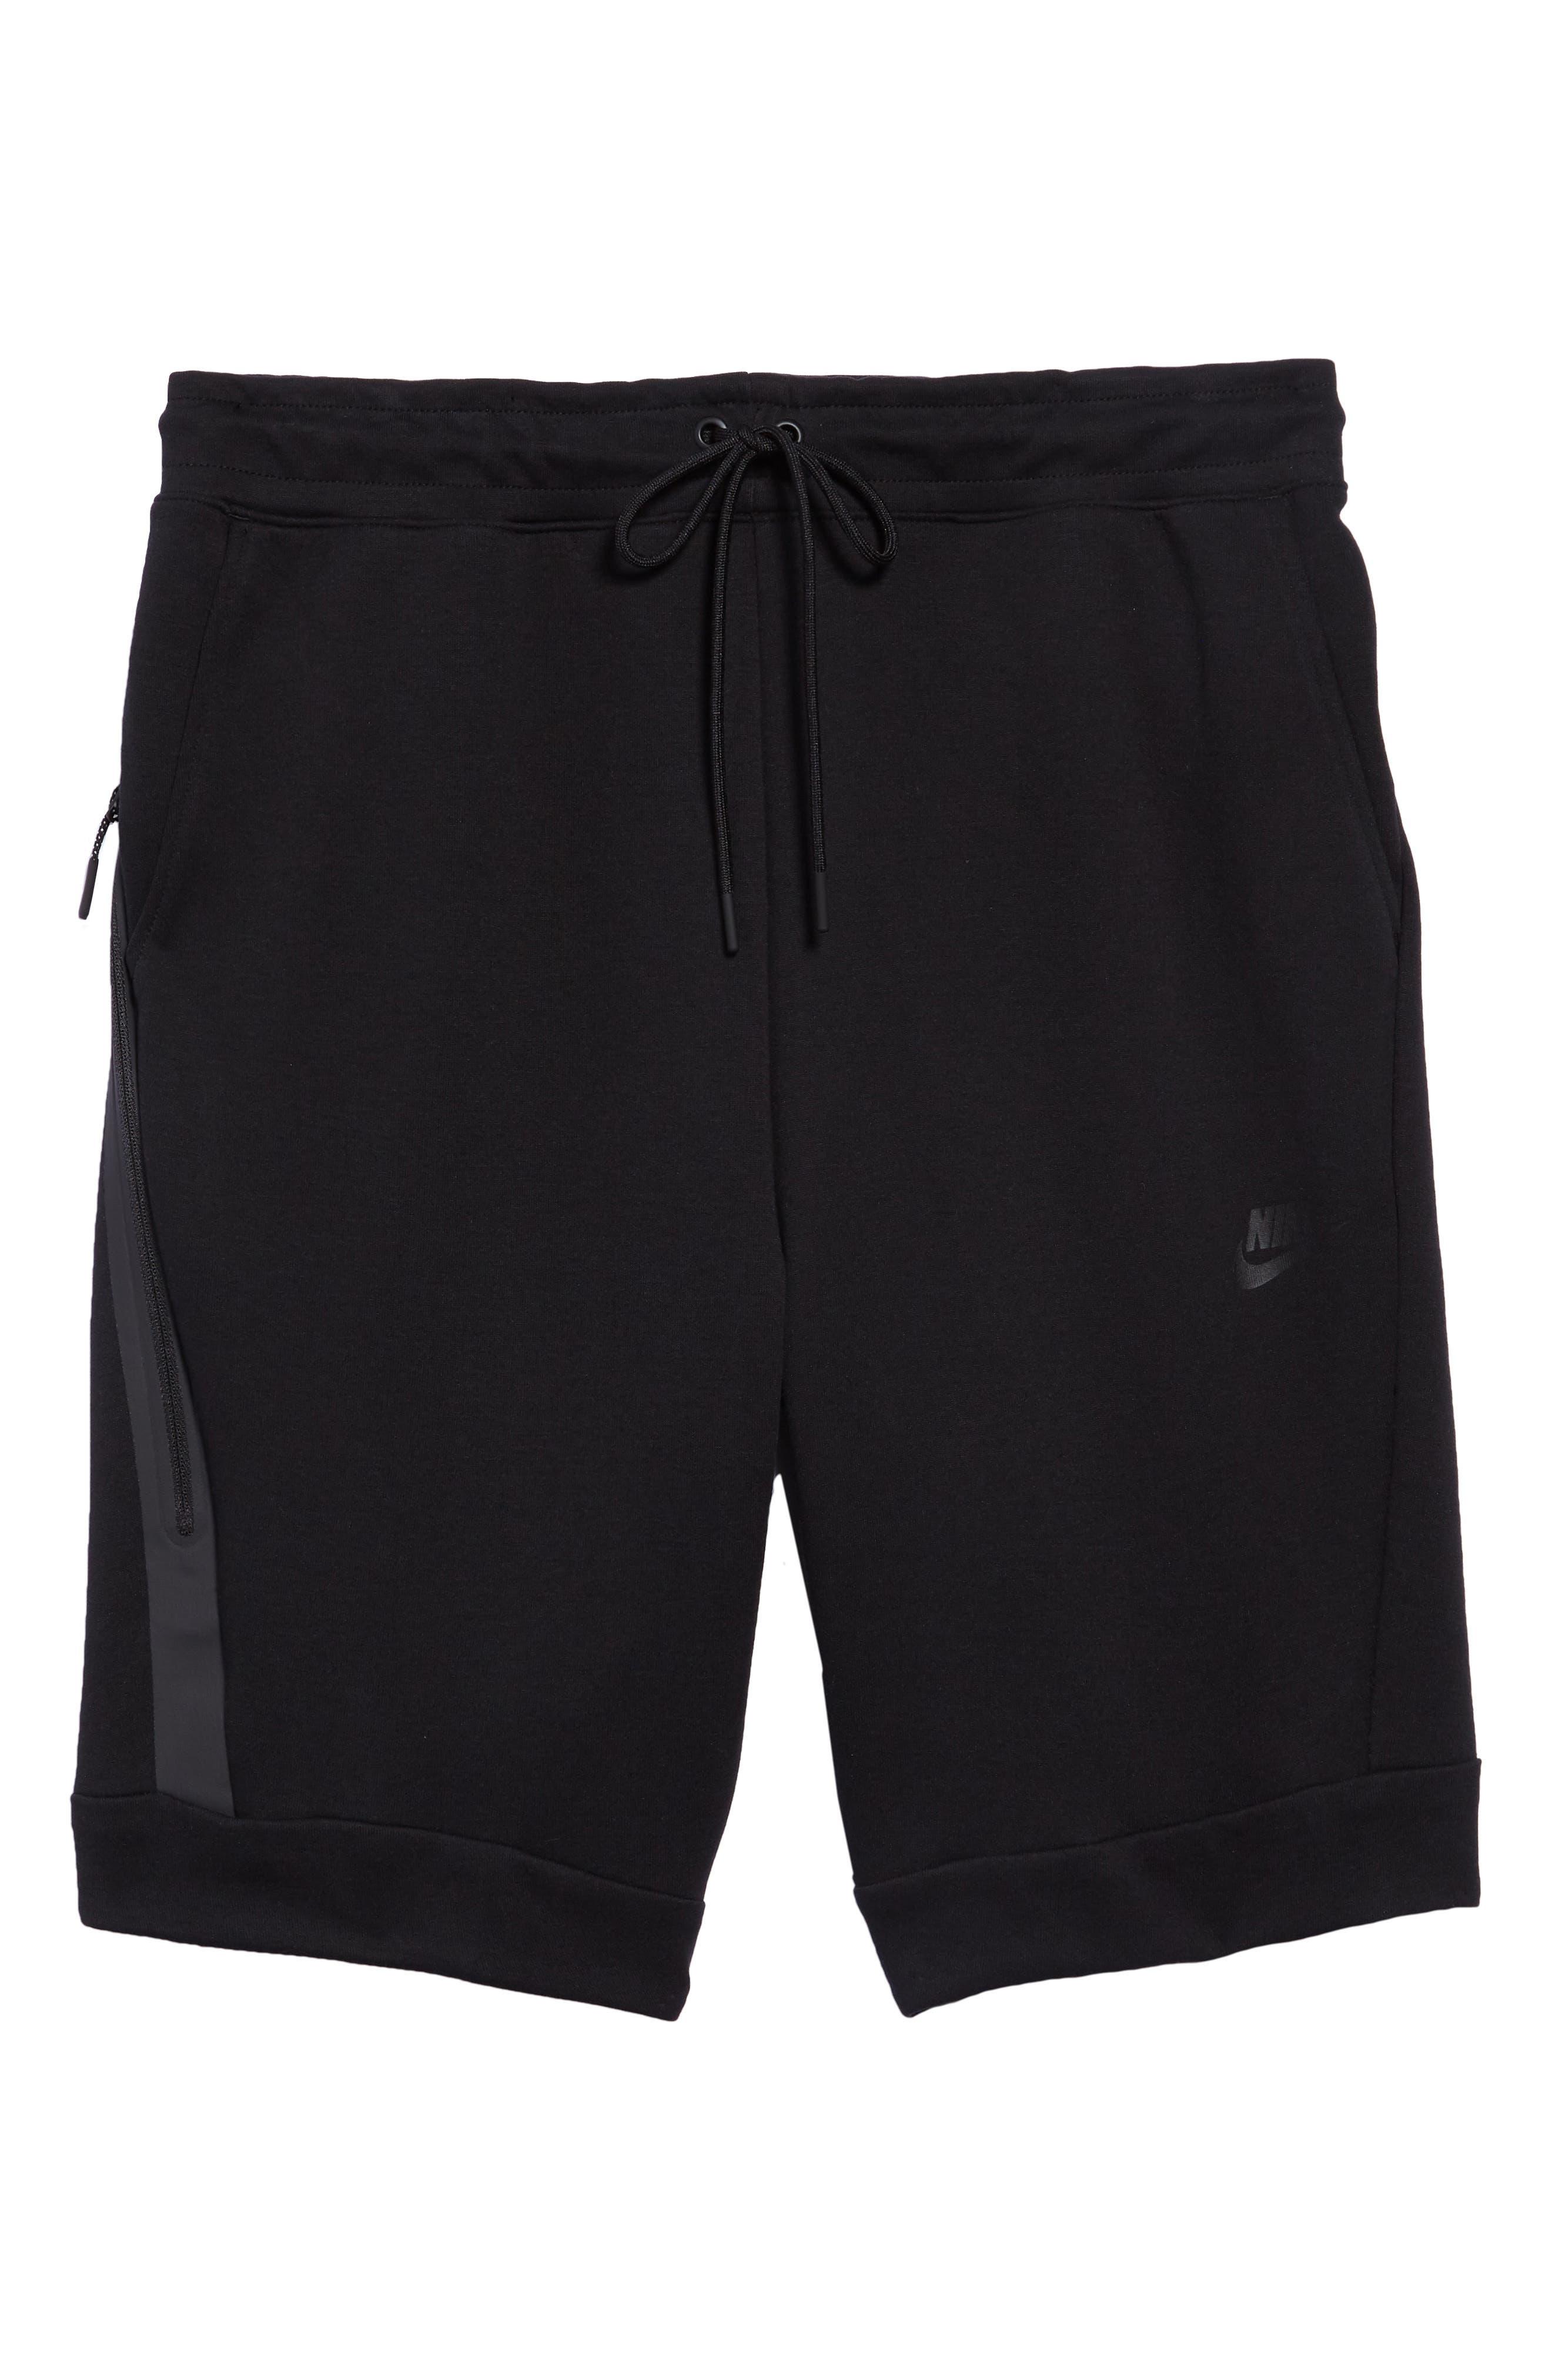 NSW Tech Fleece Shorts,                             Alternate thumbnail 16, color,